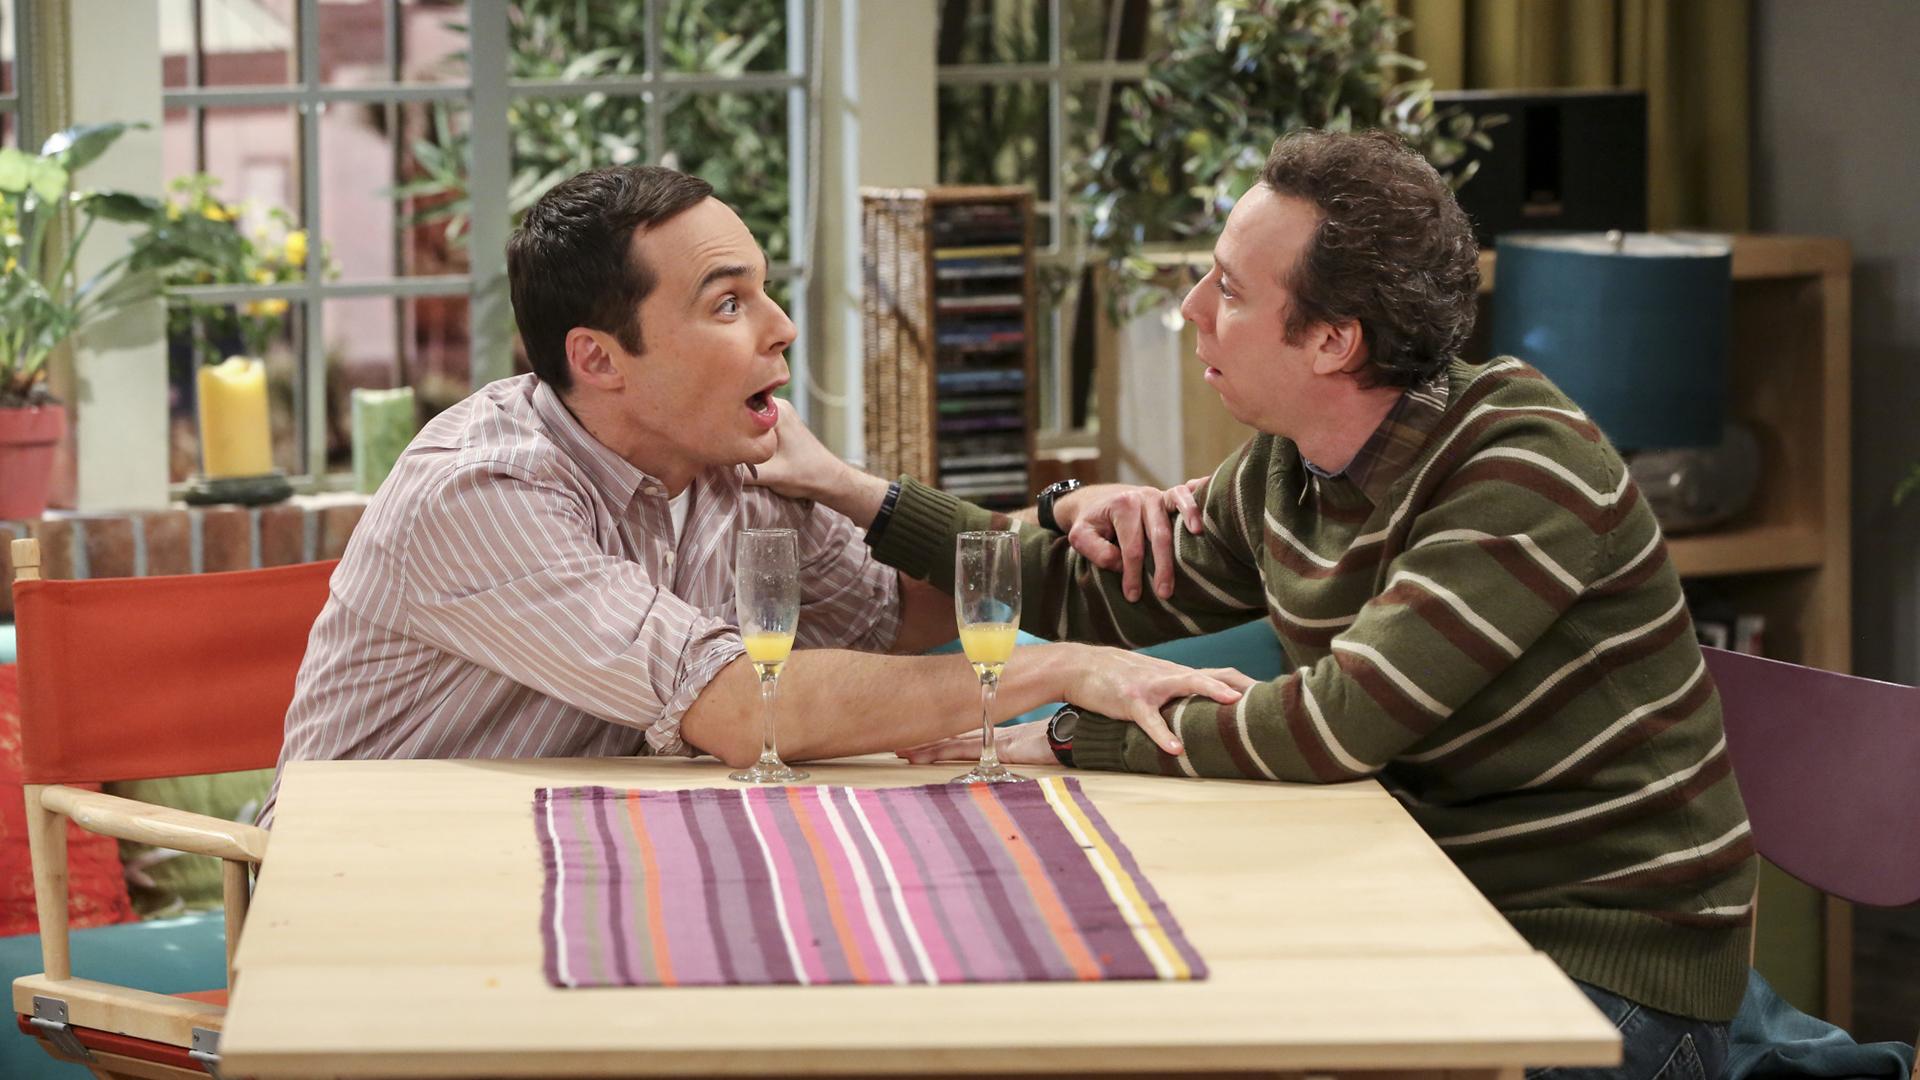 Sheldon and Stuart may've had one too many mimosas.